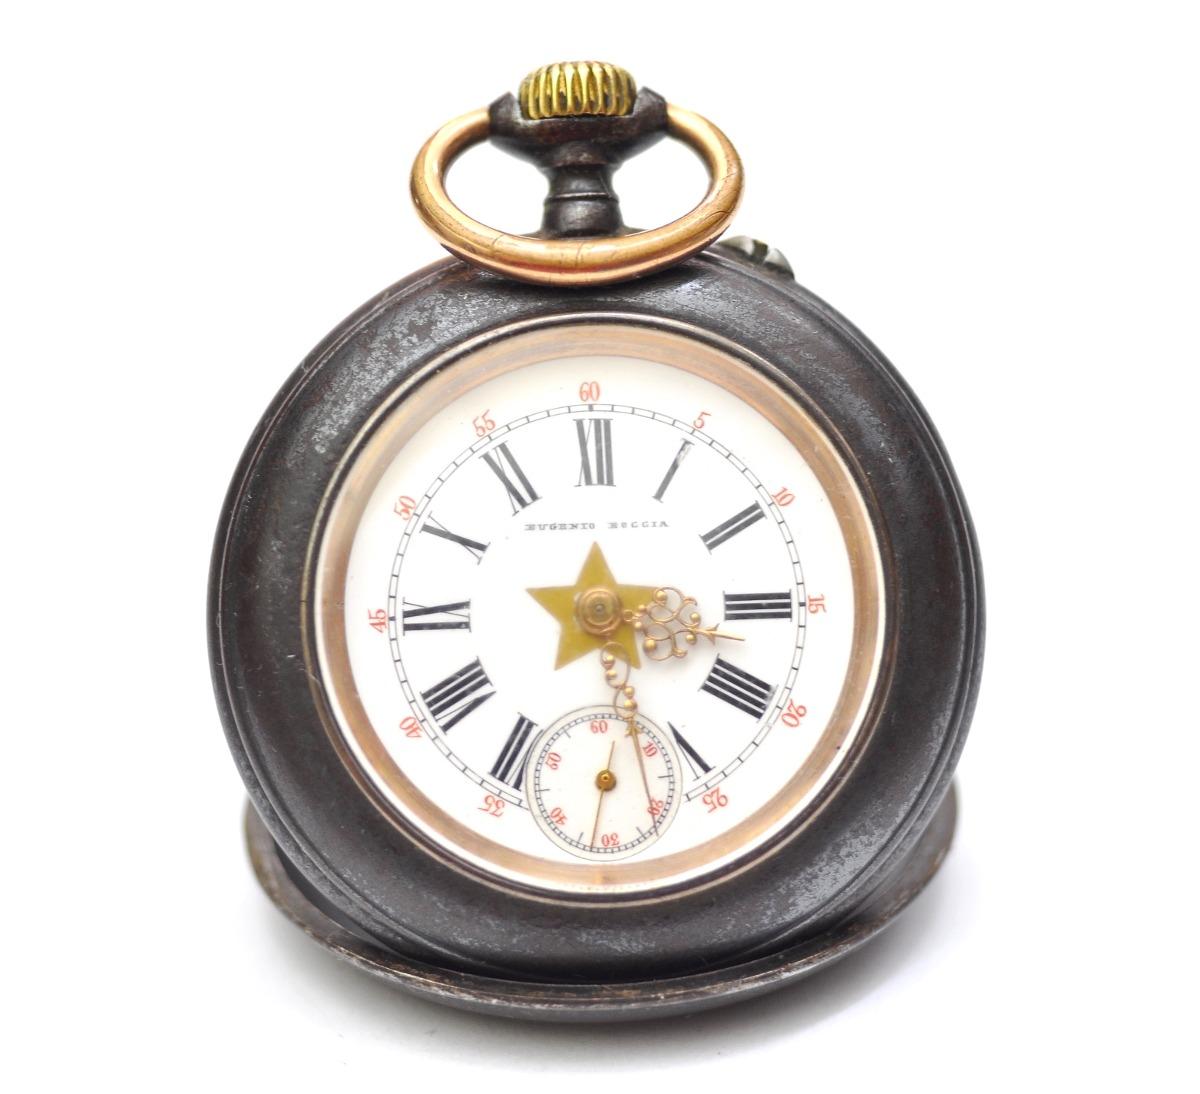 Reloj longines grand prix paris 1889 for Catalogo grand prix